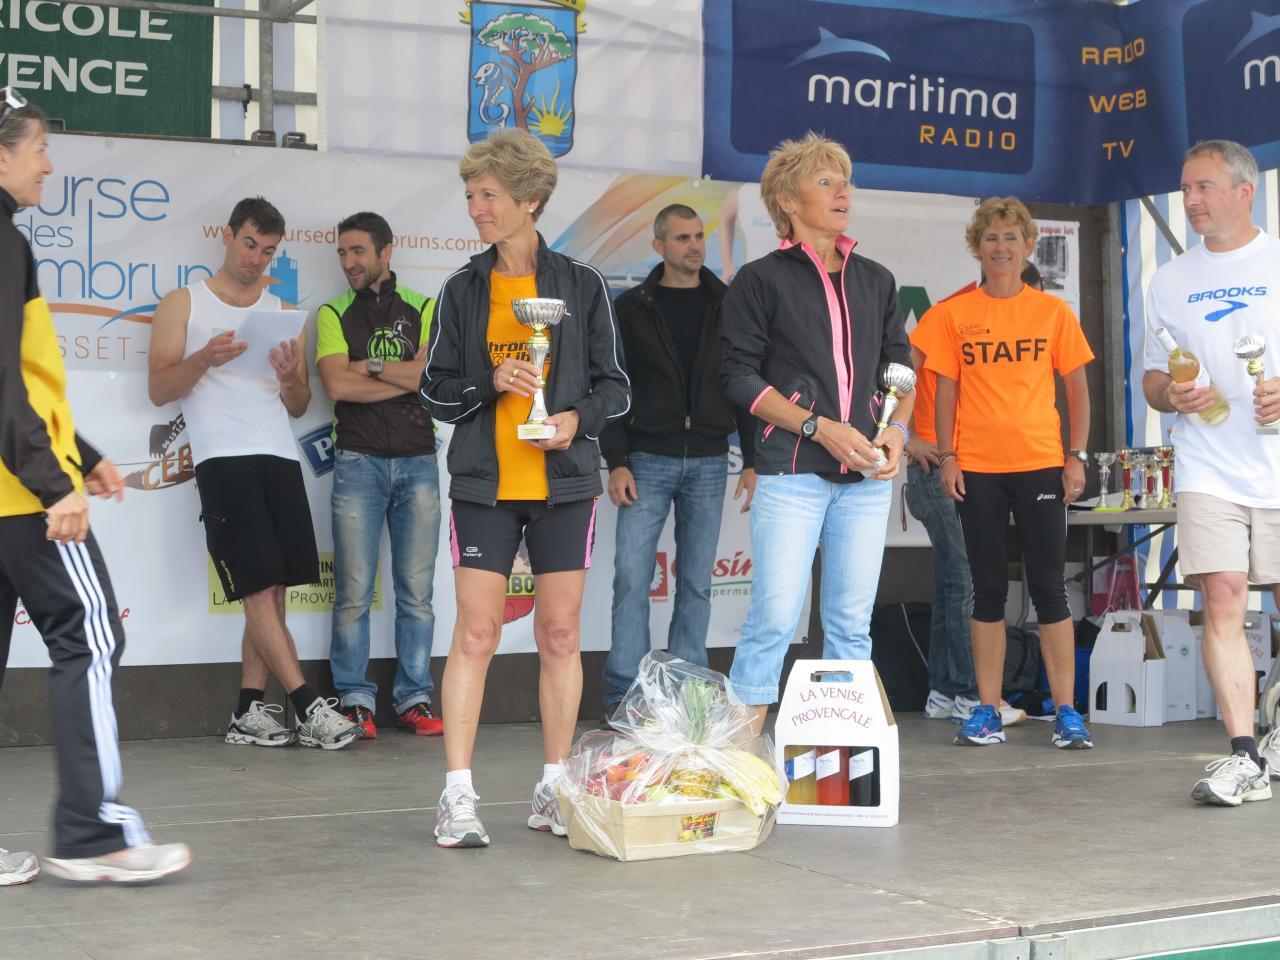 09062013 Course des embruns CLN (14)